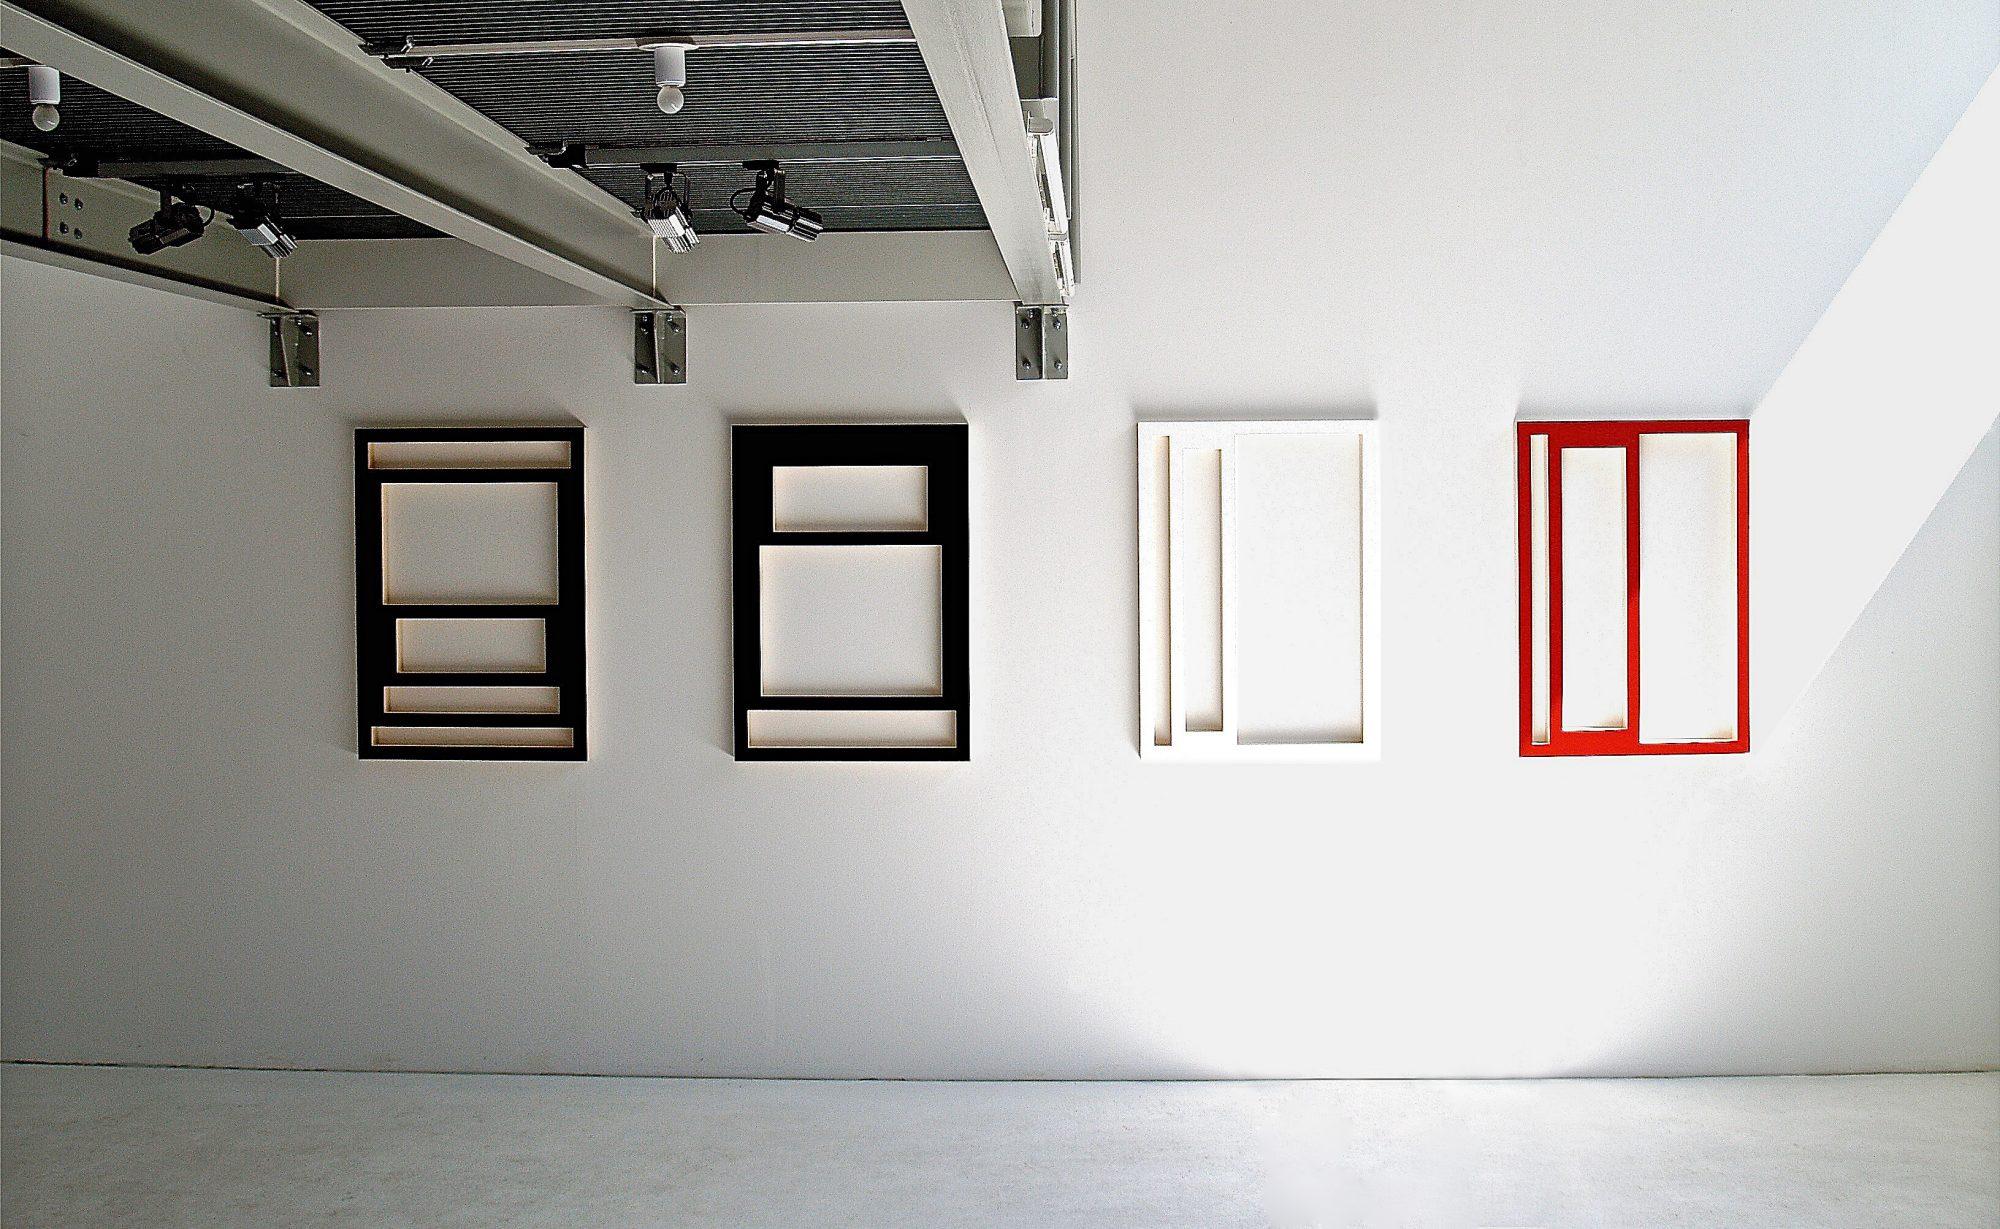 2003, Sperrholz, Acryl / plywood, acrylics;je / each 98x69cm